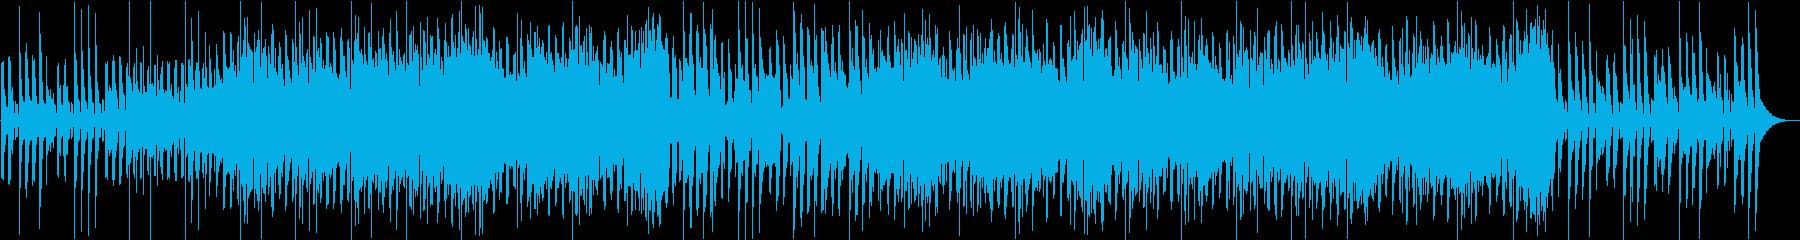 ポップなメロディでうきうき踊りたくなるaの再生済みの波形